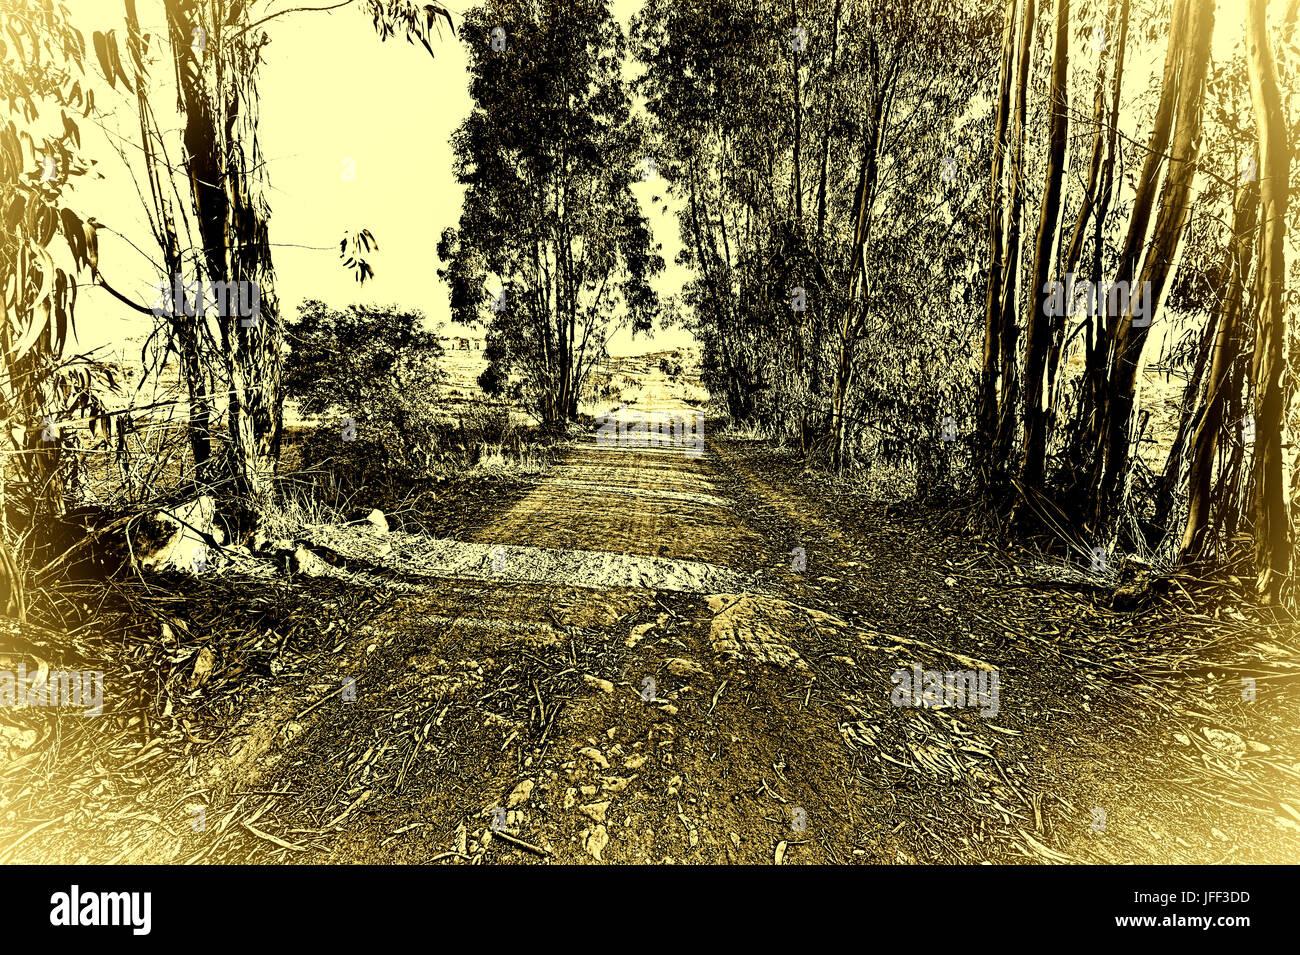 País camino de tierra Foto de stock